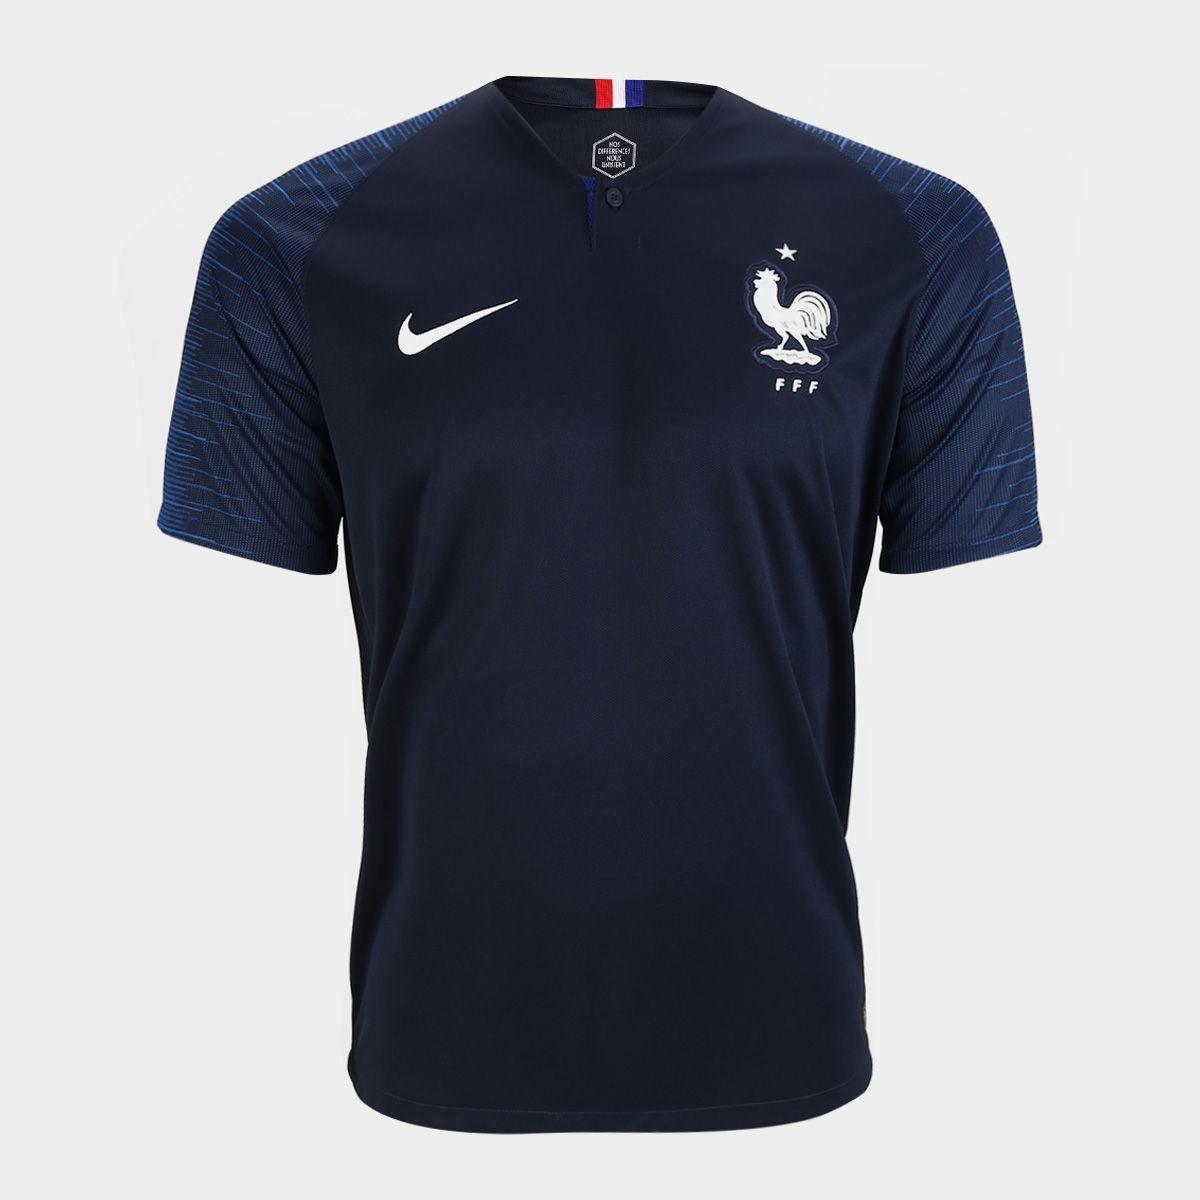 nova camisa frança azul copa 2018 original nike oficial !! Carregando zoom. 28f9b3977404a